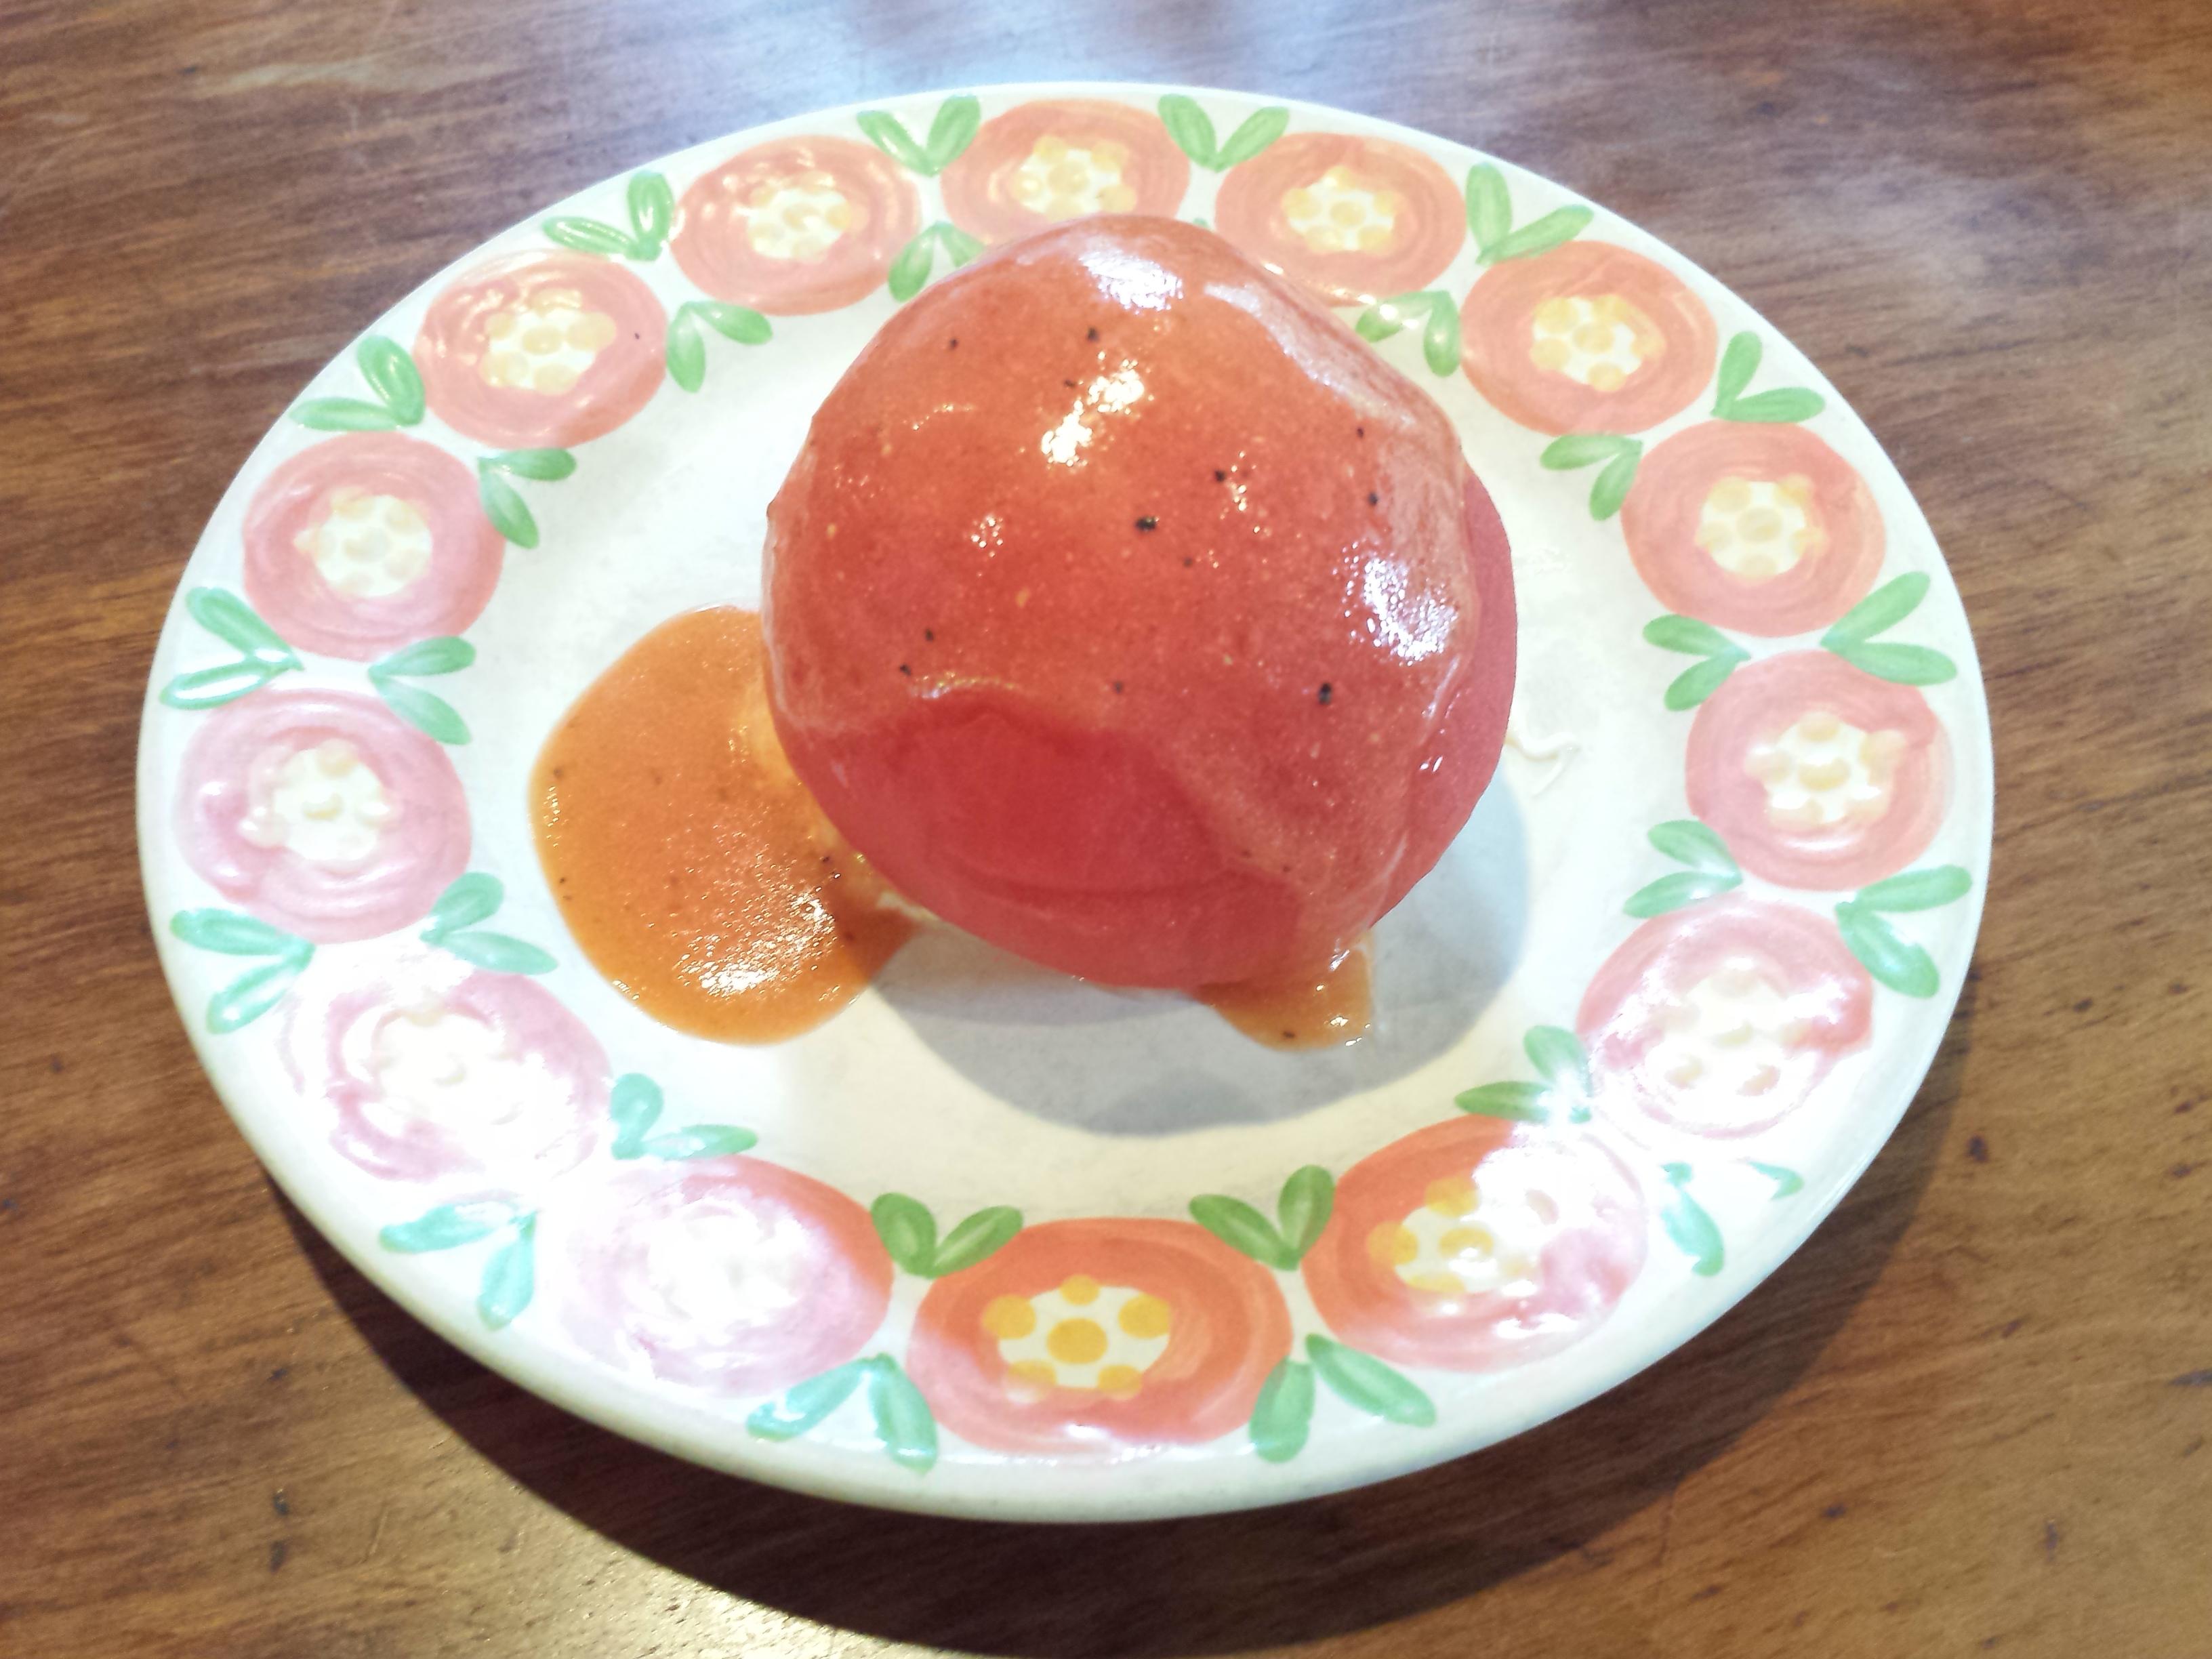 キャピタル東洋亭 本店 トマトの前菜